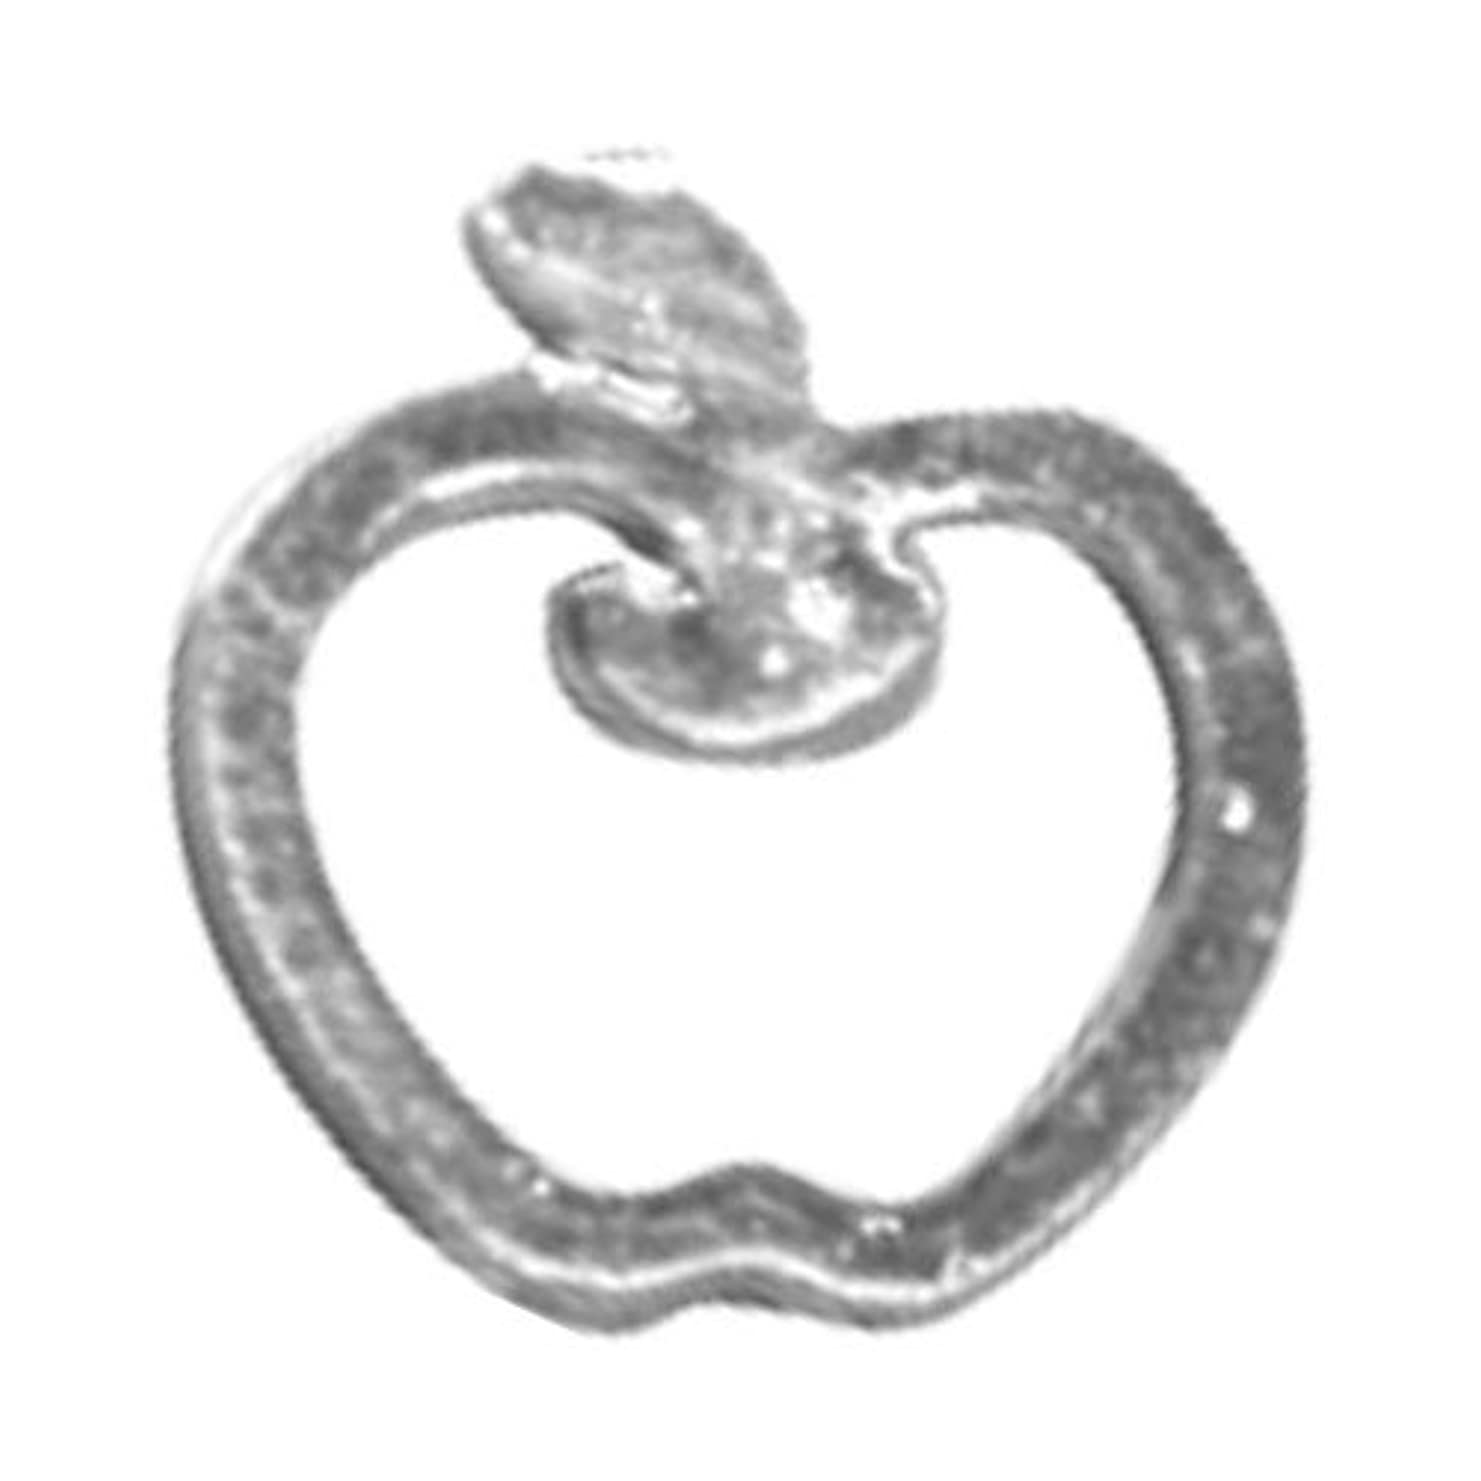 悪の不規則な候補者リトルプリティー ネイルアートパーツ リンゴ SS シルバー 10個